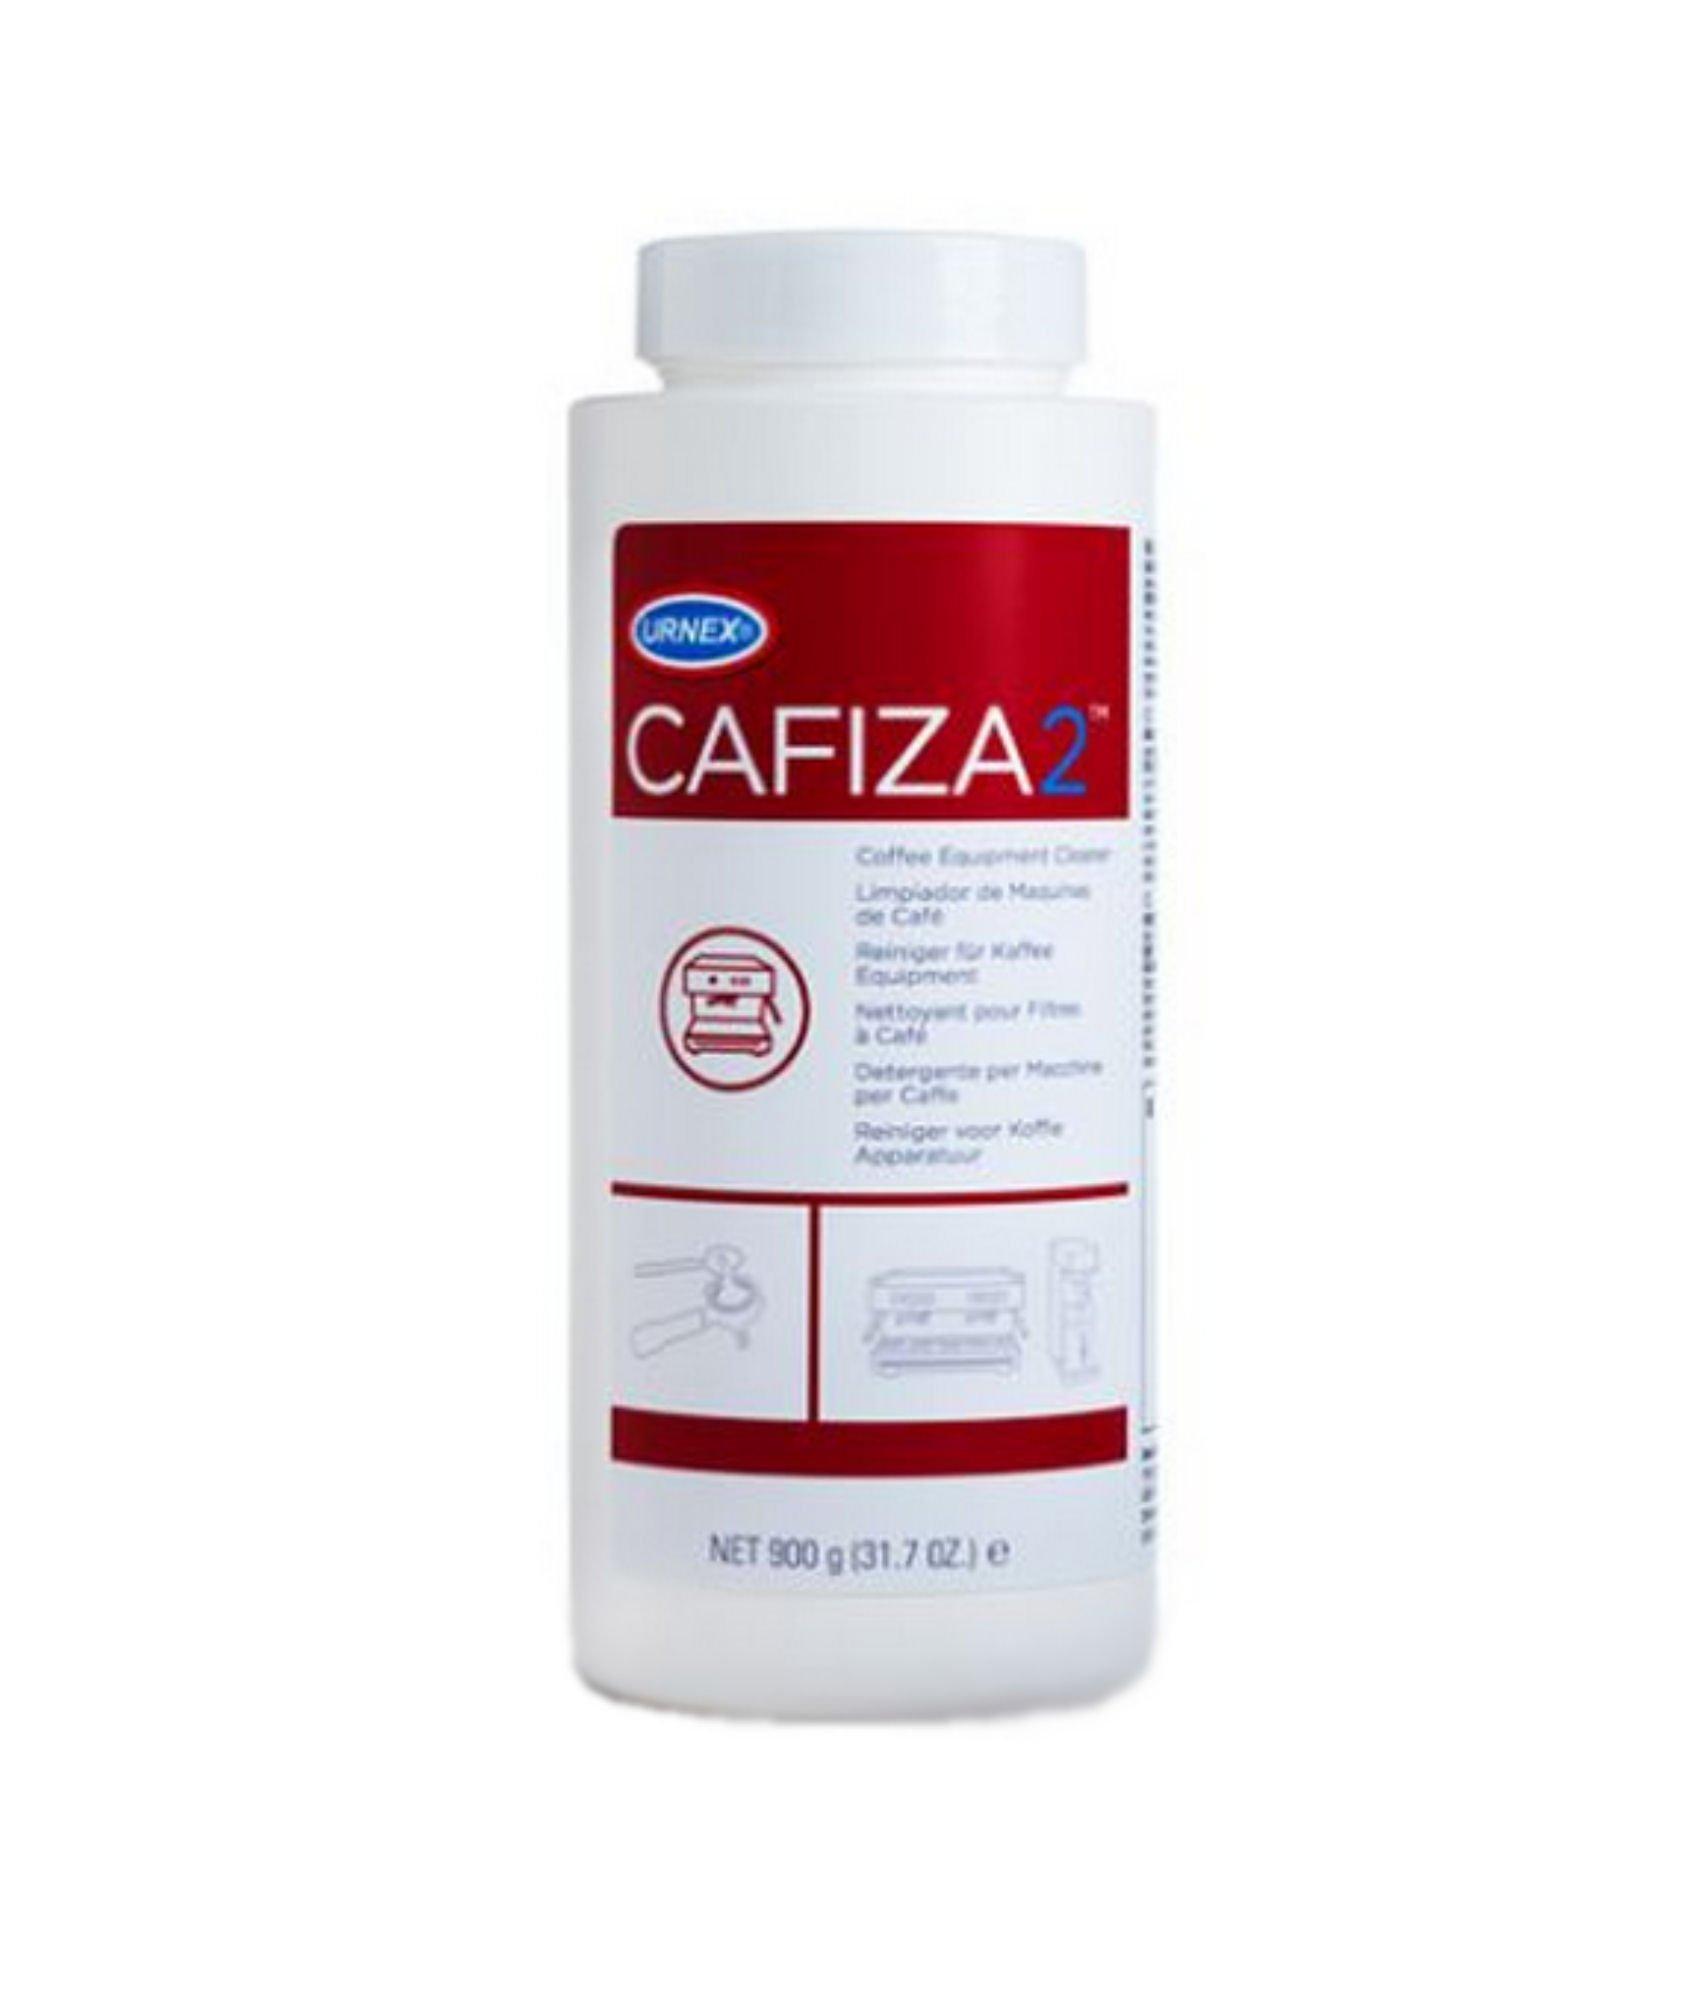 Urnex - Cafiza2 Maschinenreiniger (900g)